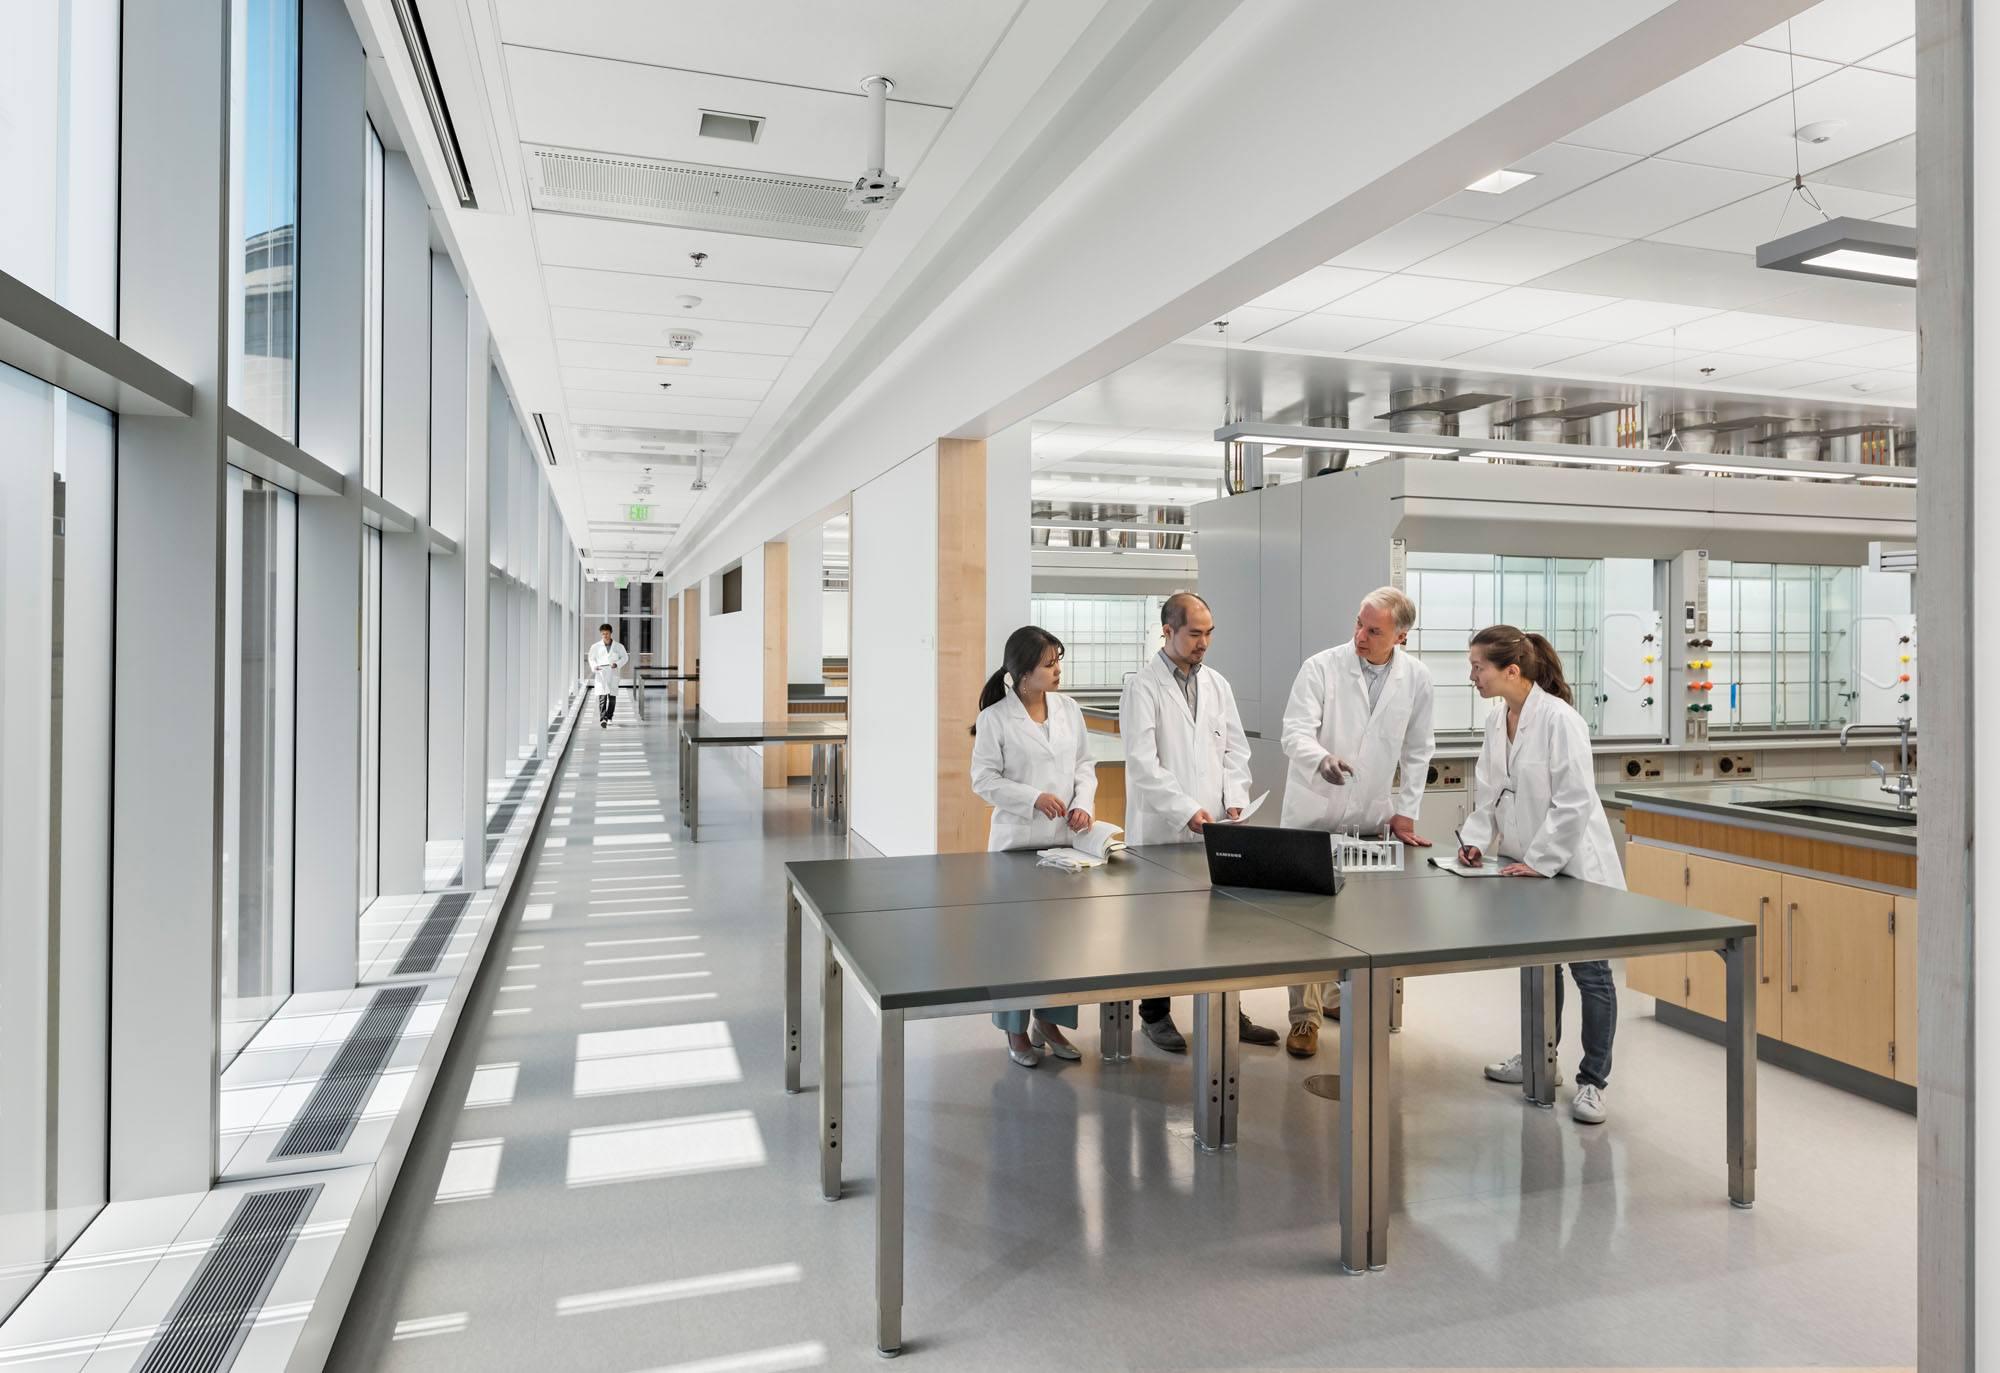 MIT.nano interior